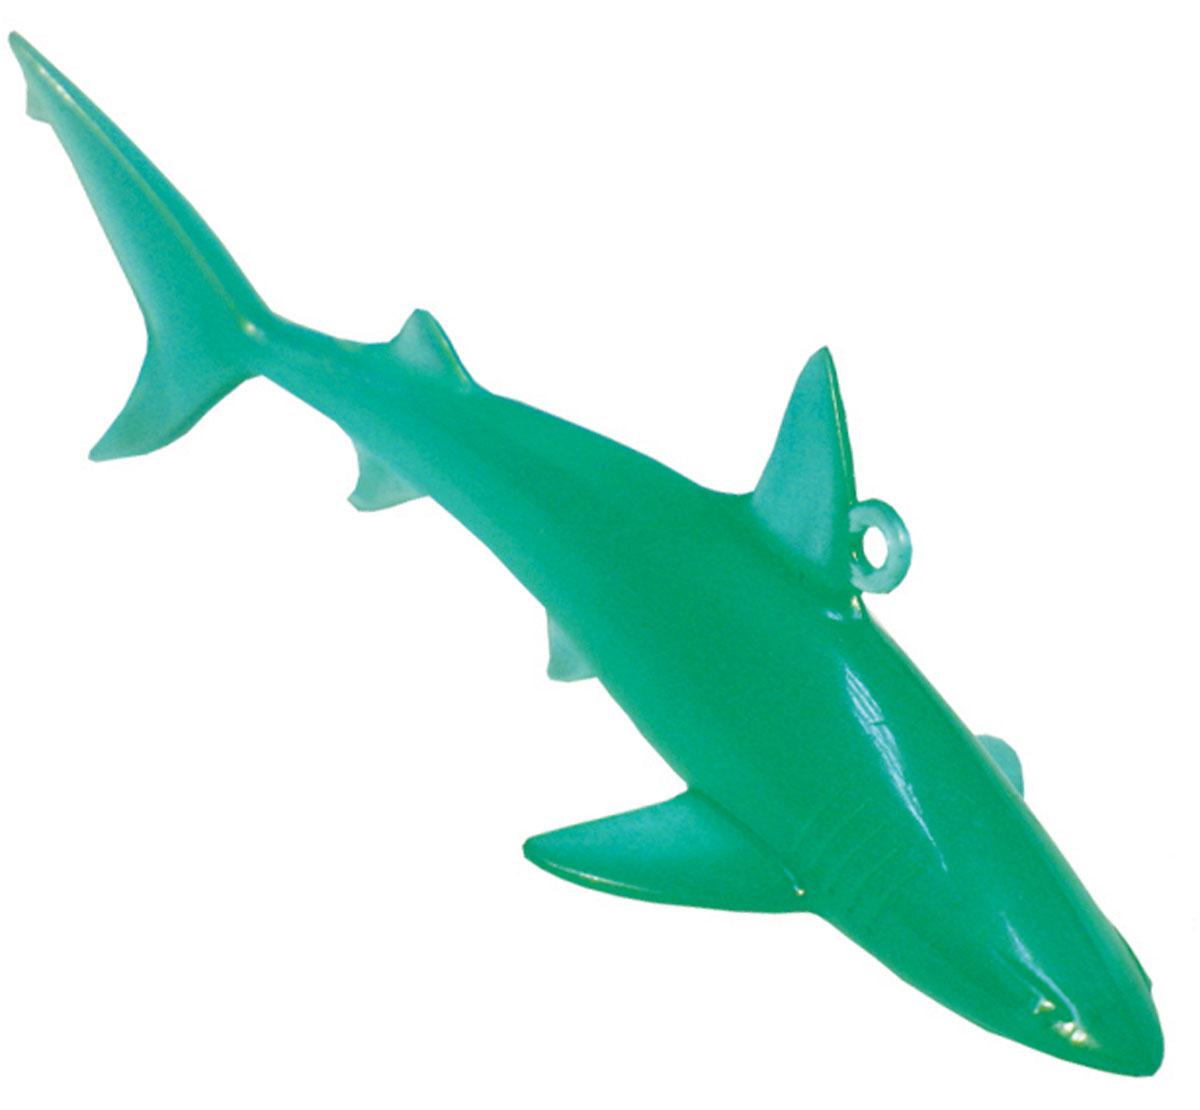 Ароматизатор Phantom Shark, зеленое яблокоPH3407Ароматизатор Phantom Shark с приятным ароматом выполнен в эксклюзивном дизайне в виде акулы. Благодаря насыщенному аромату неприятные запахи в салоне эффективно нейтрализуются. Ароматизатор оснащен подвесным типом крепления. Аромат держится до 30 дней. Состав: этилен-октеновый сополимер, отдушка парфюмерная, пигменты.